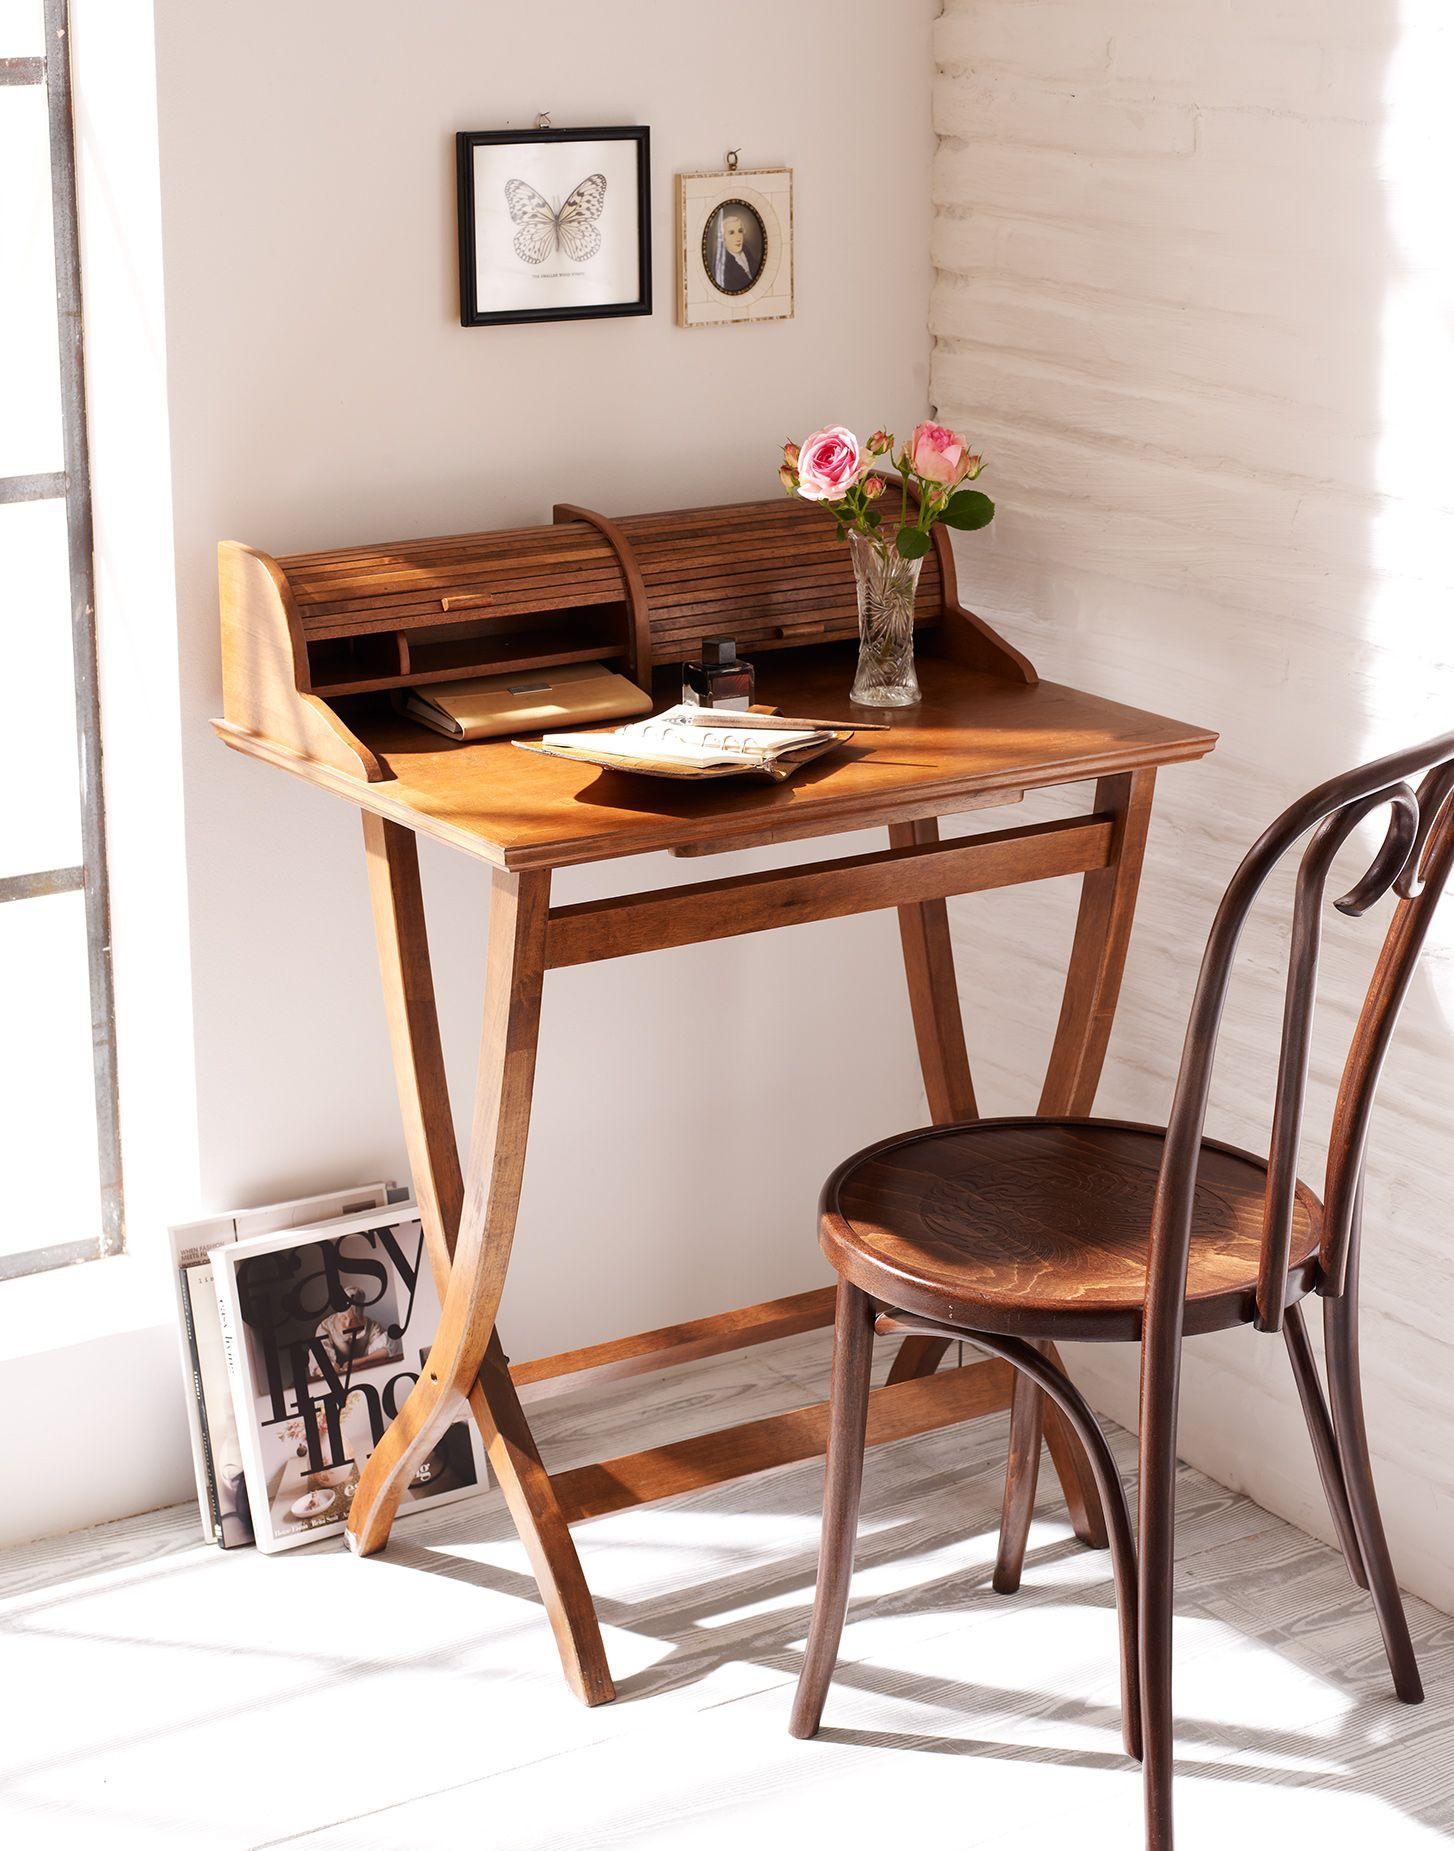 Klappsekretär ANTIK   Octopus möbel, Tisch und stühle, Stühle